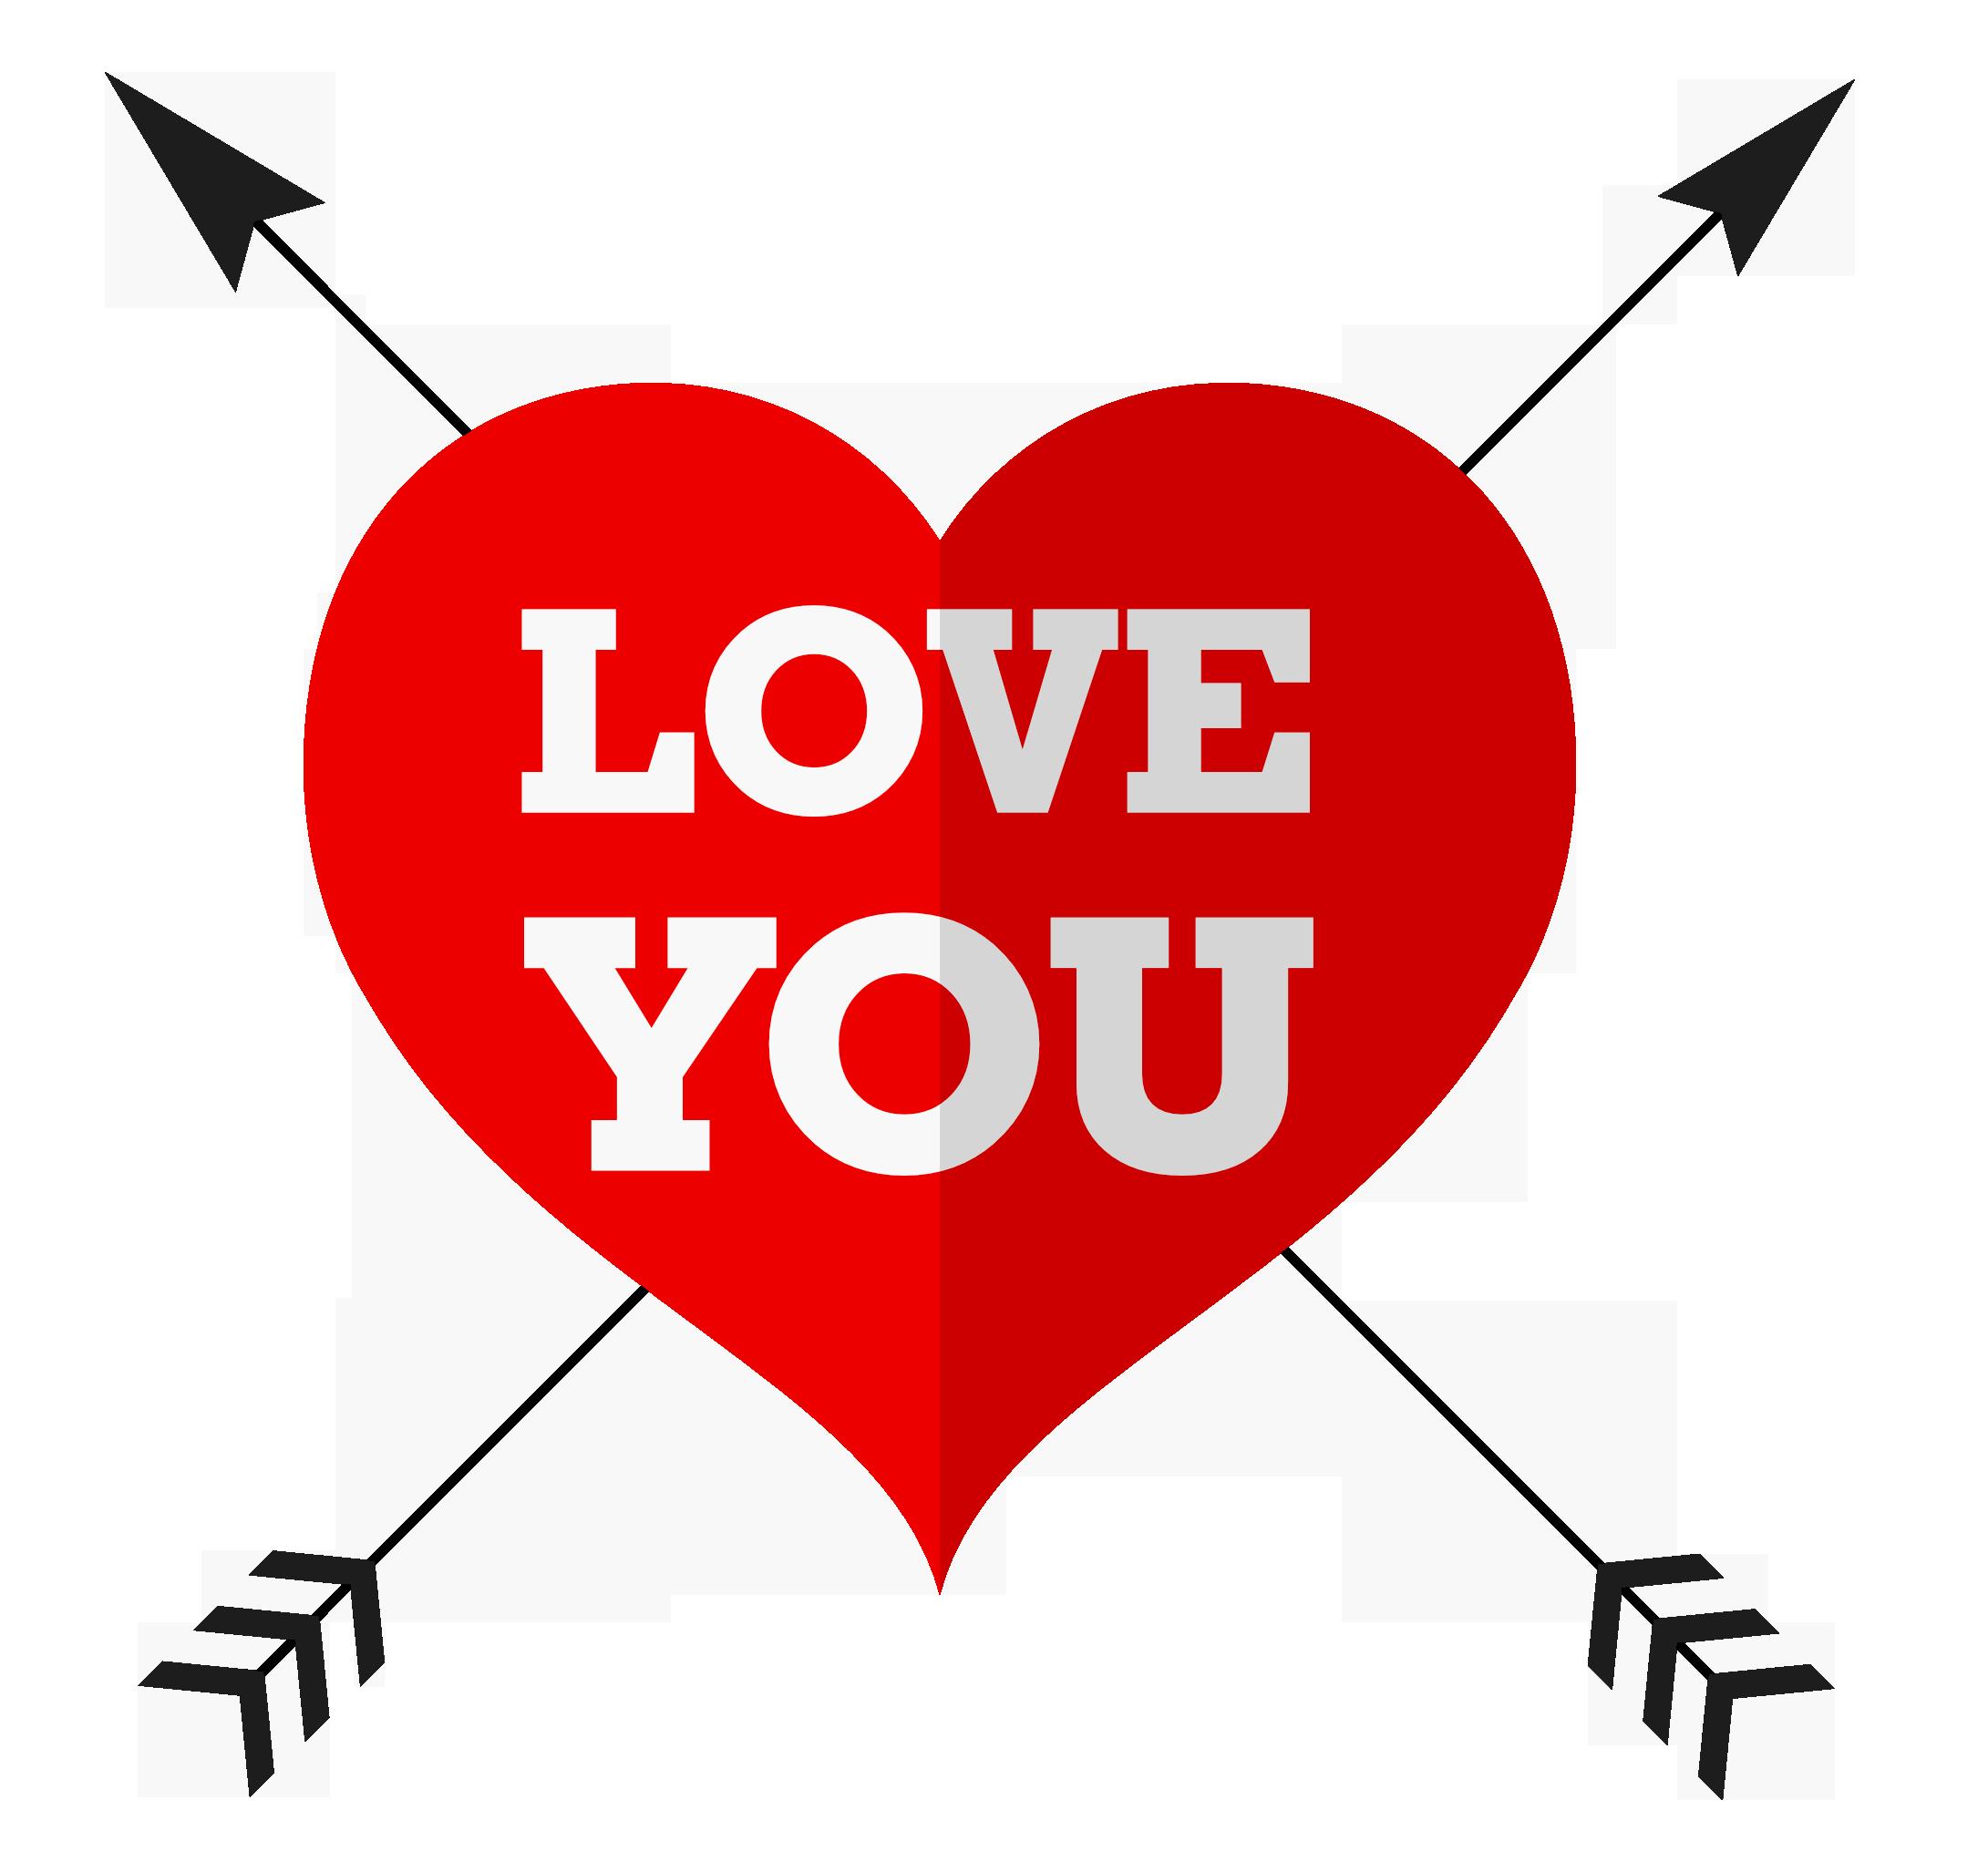 Download Love Transparent HQ PNG Image | FreePNGImg